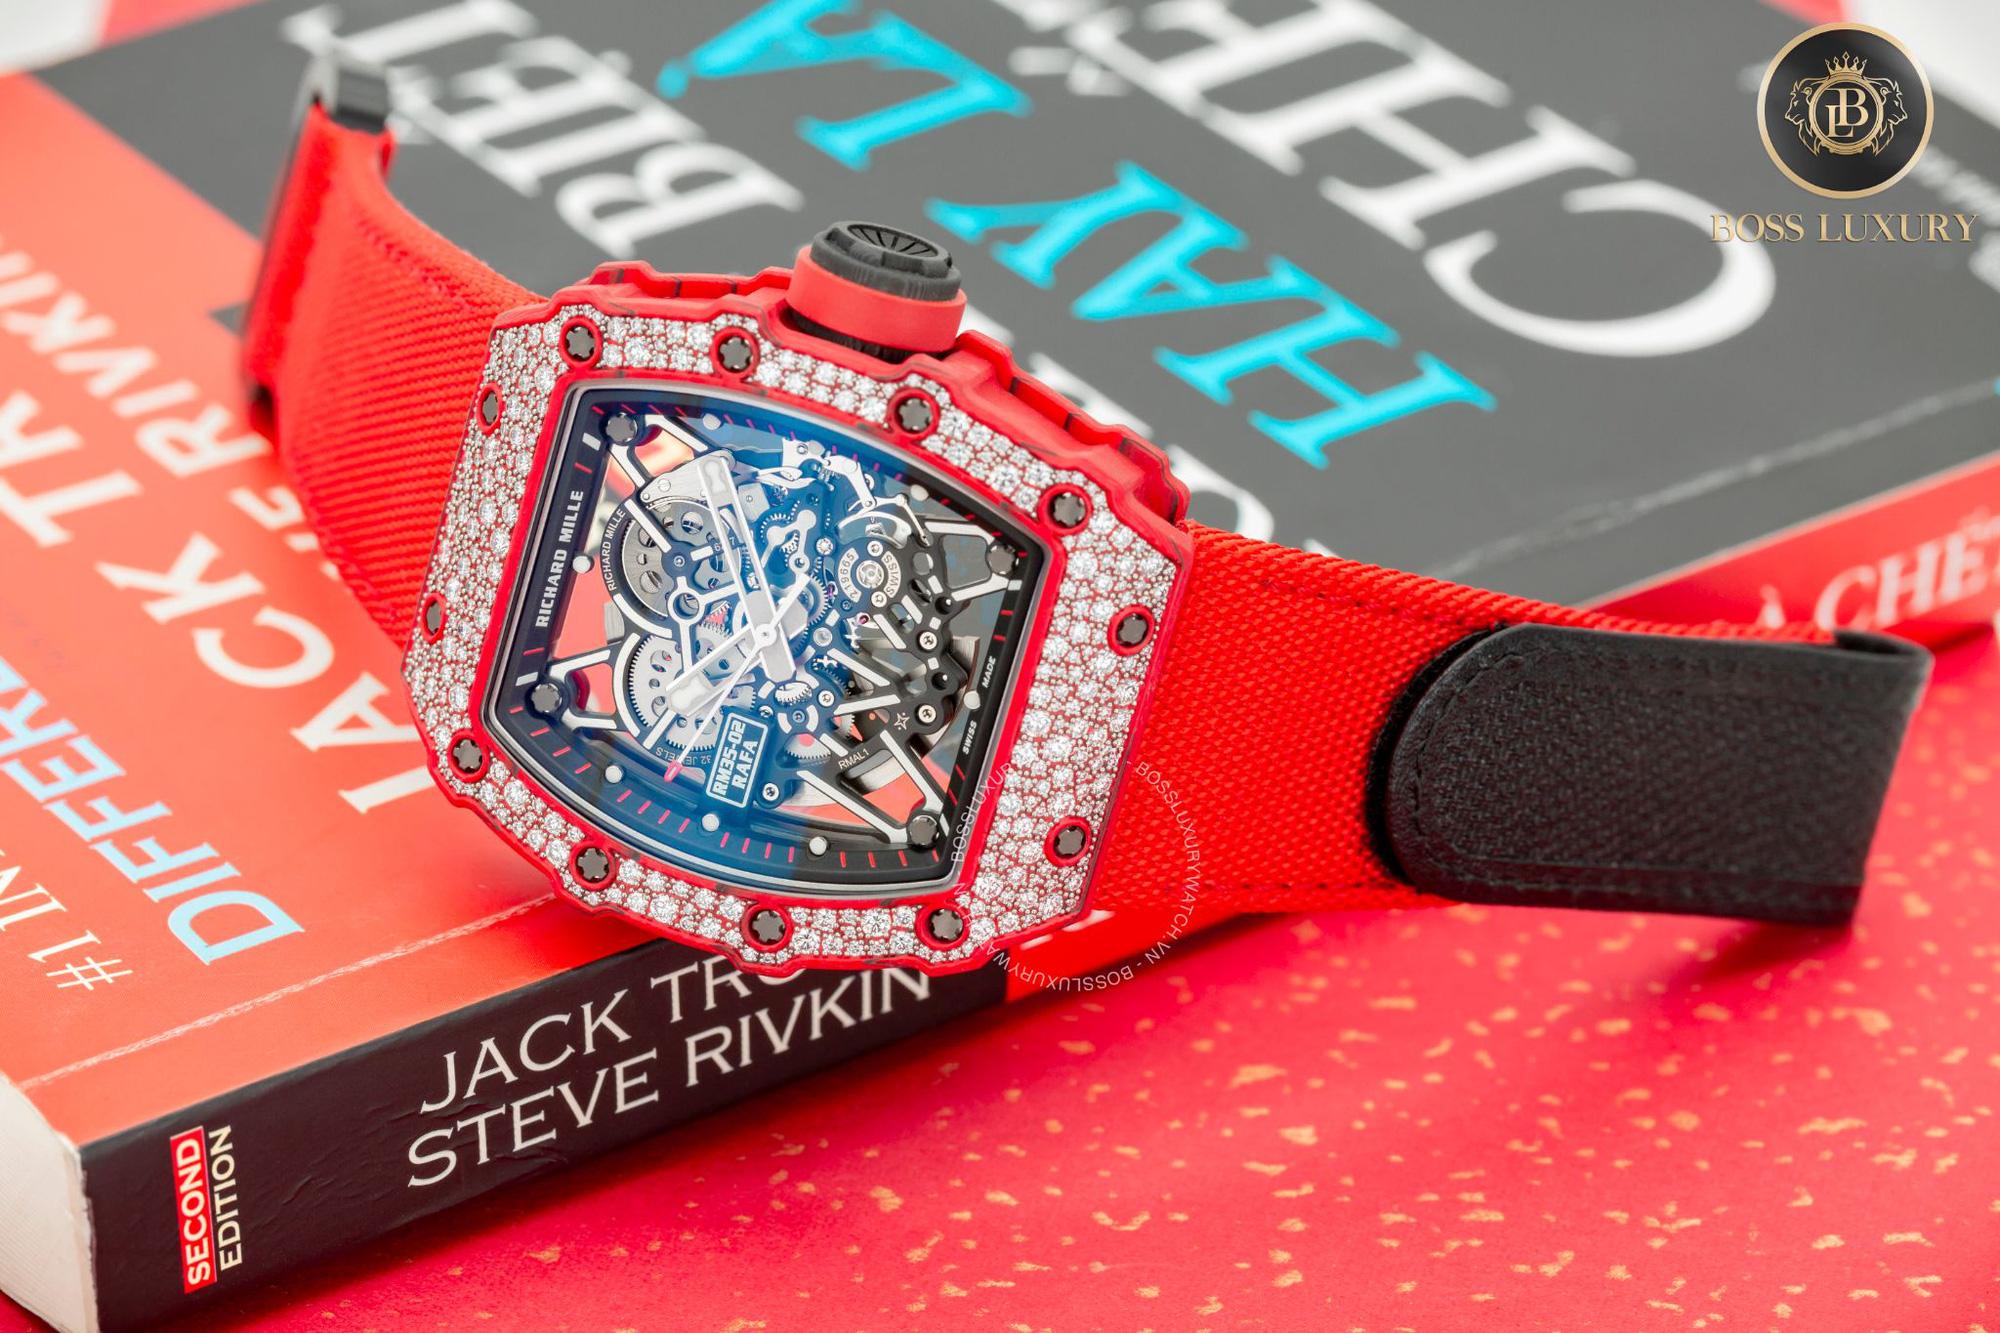 Đồng hồ Richard Mille và những dấu ấn khó quên tại Boss Luxury trong 4 tháng đầu năm 2021 - Ảnh 2.